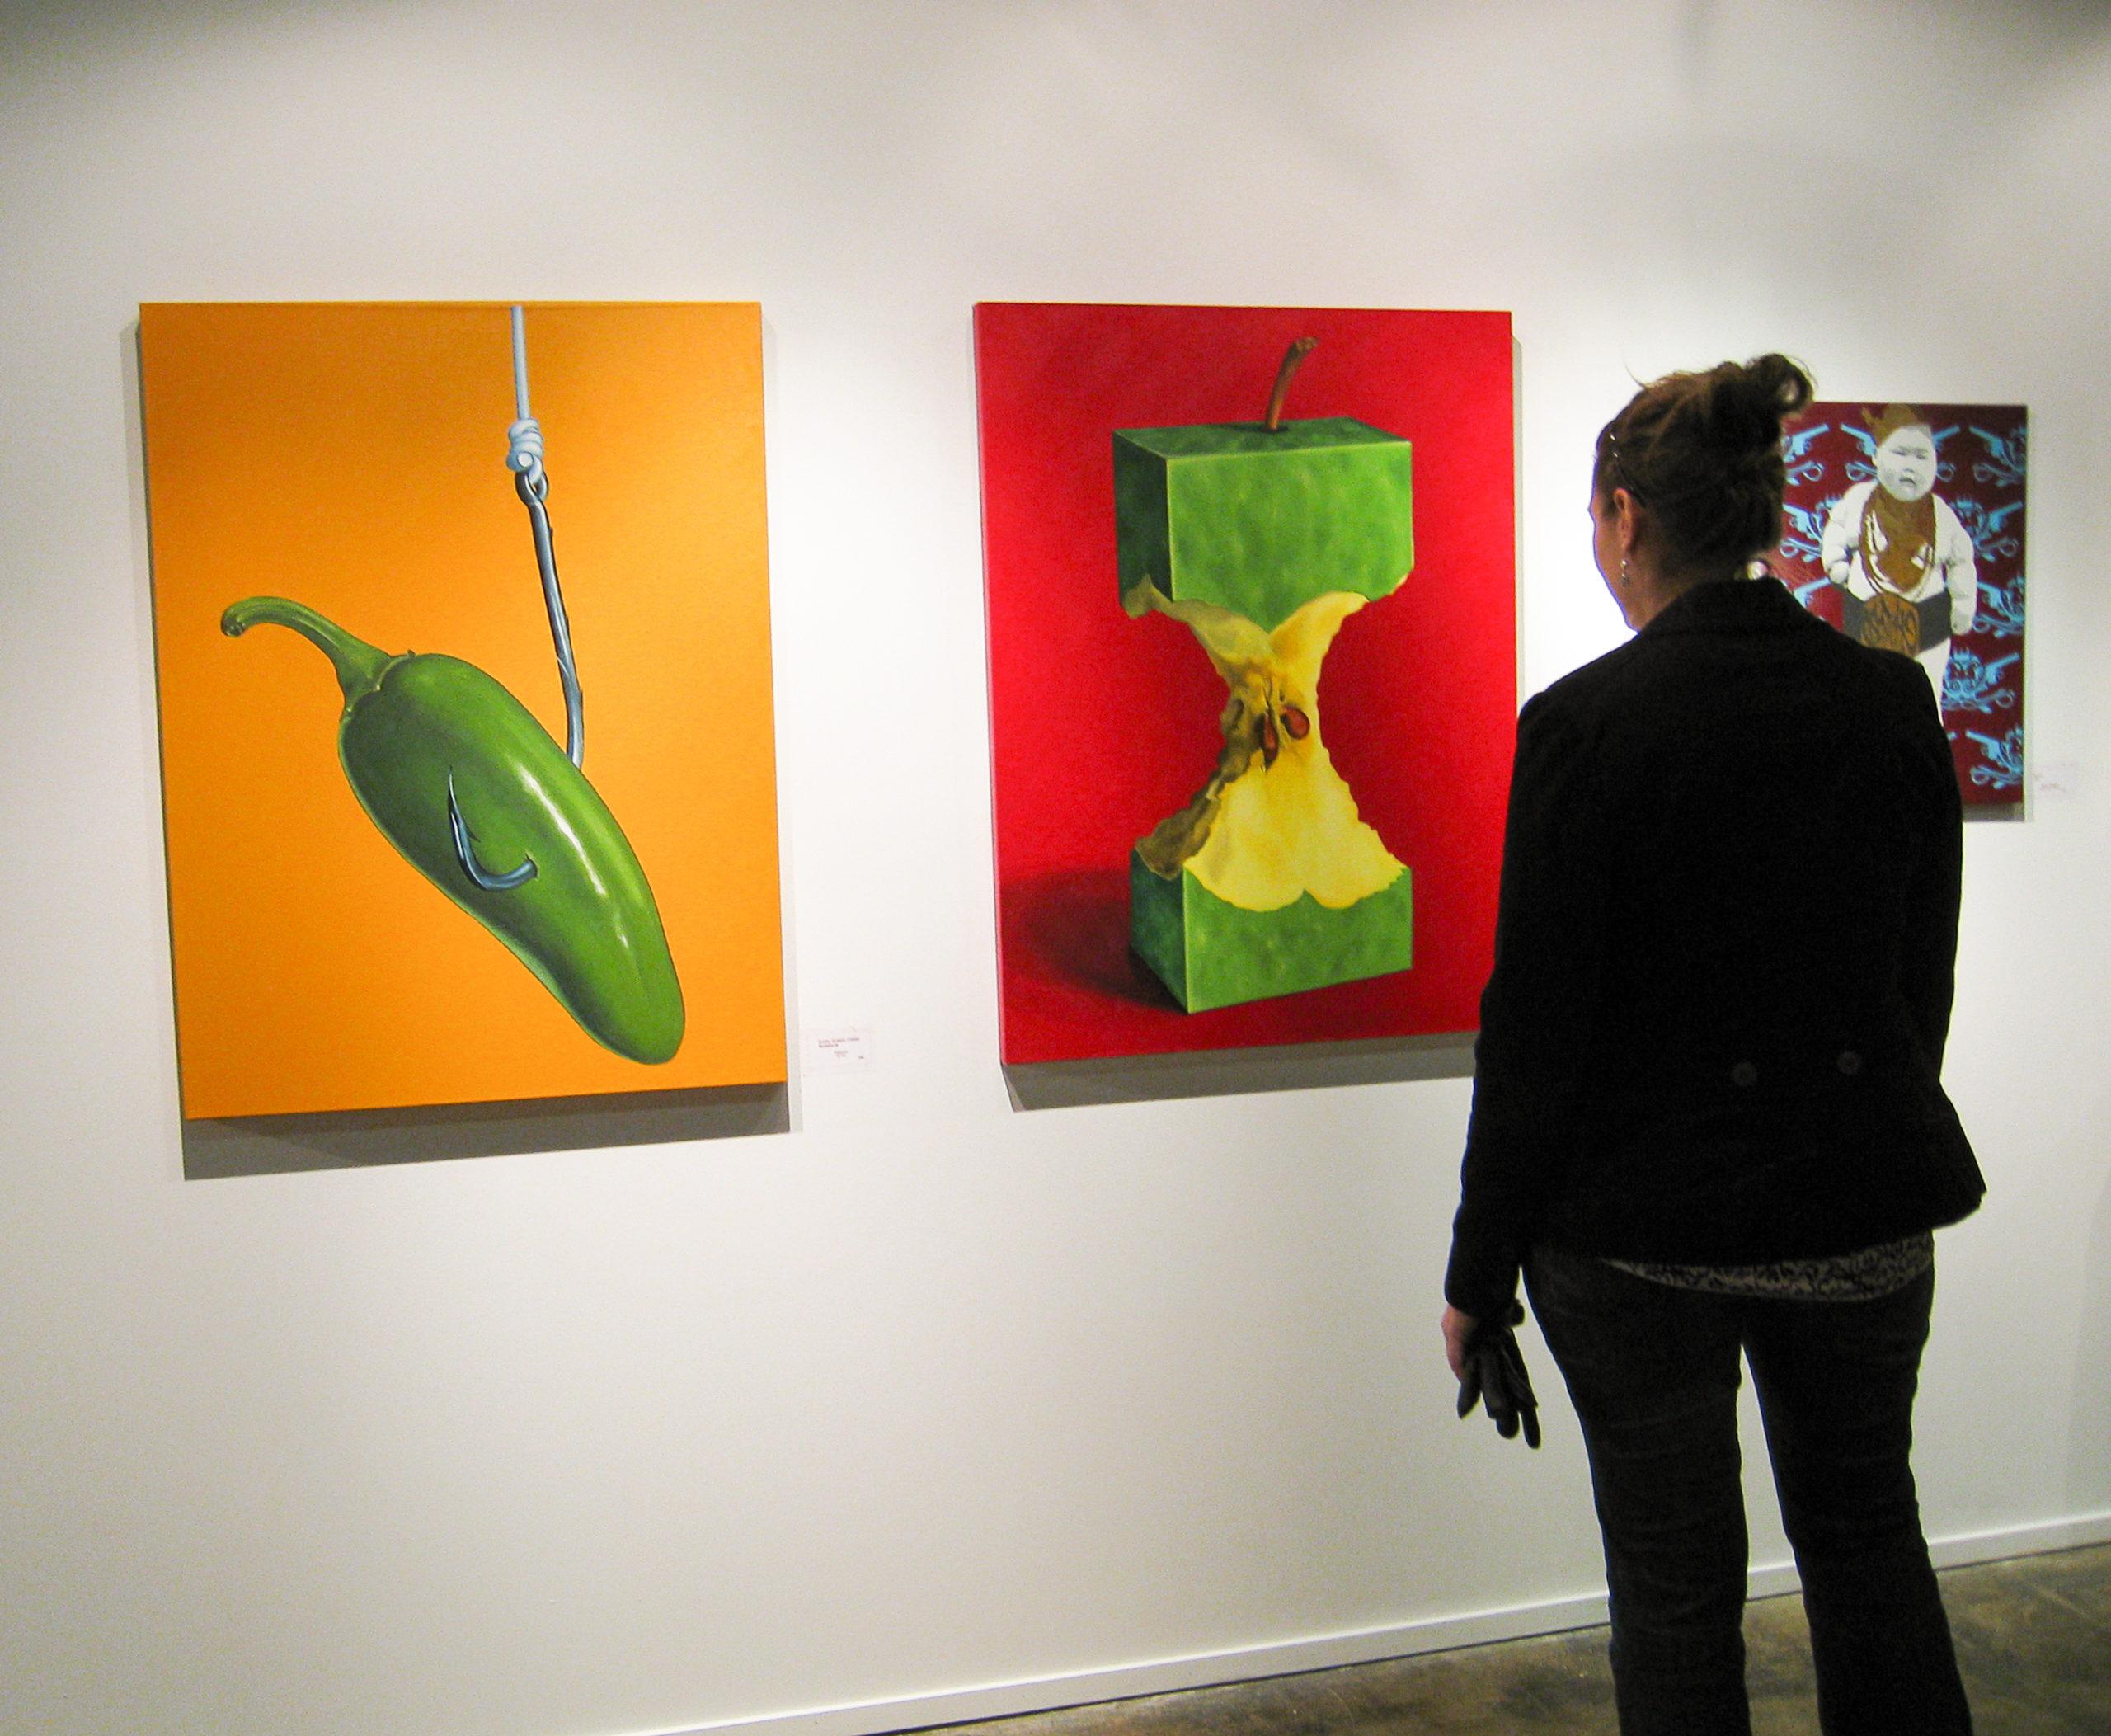 Torpedo Factory Art Show, Alexandria Virginia, December 2007